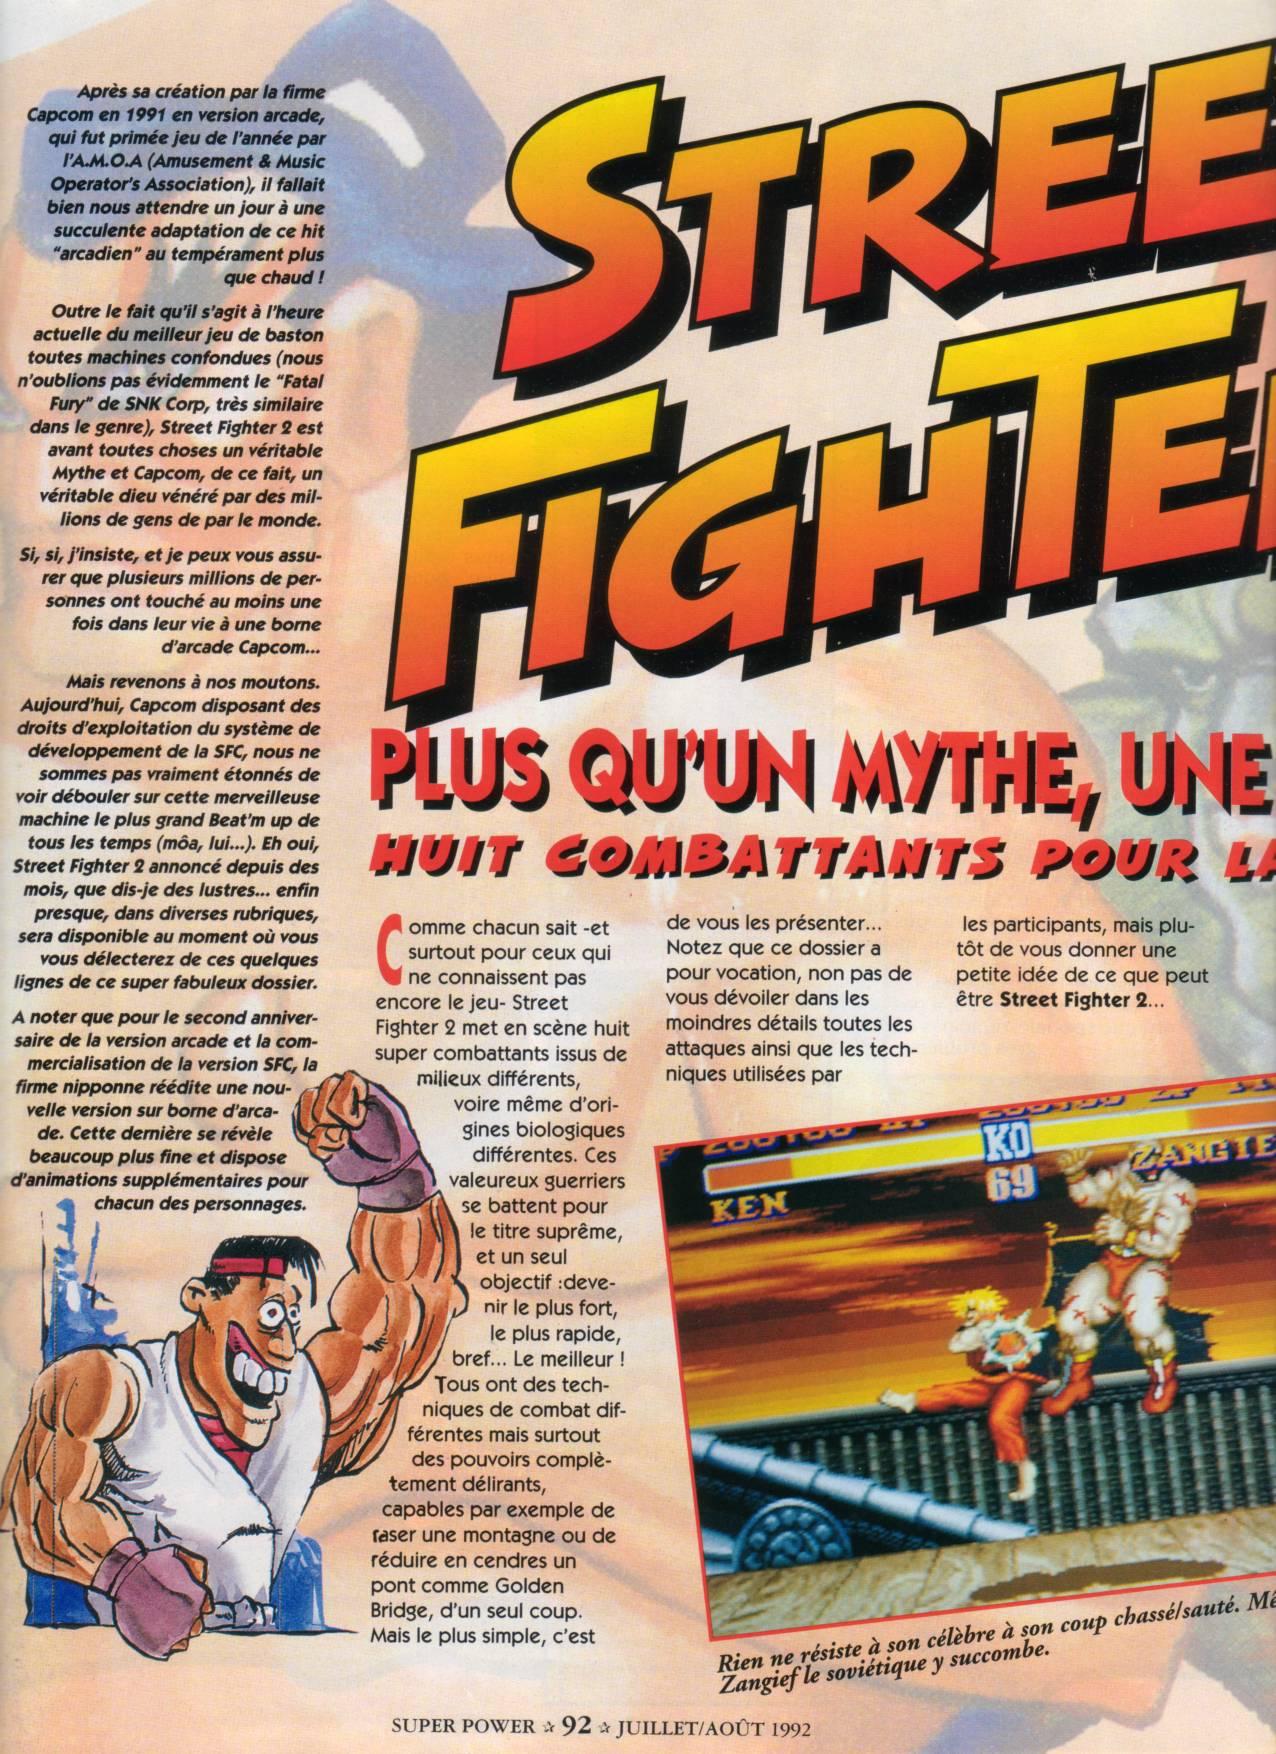 Les magazines de jeux vidéo c'était mieux avant ? Super%20Power%20001%20-%20Page%20092%20(1992-07-08)